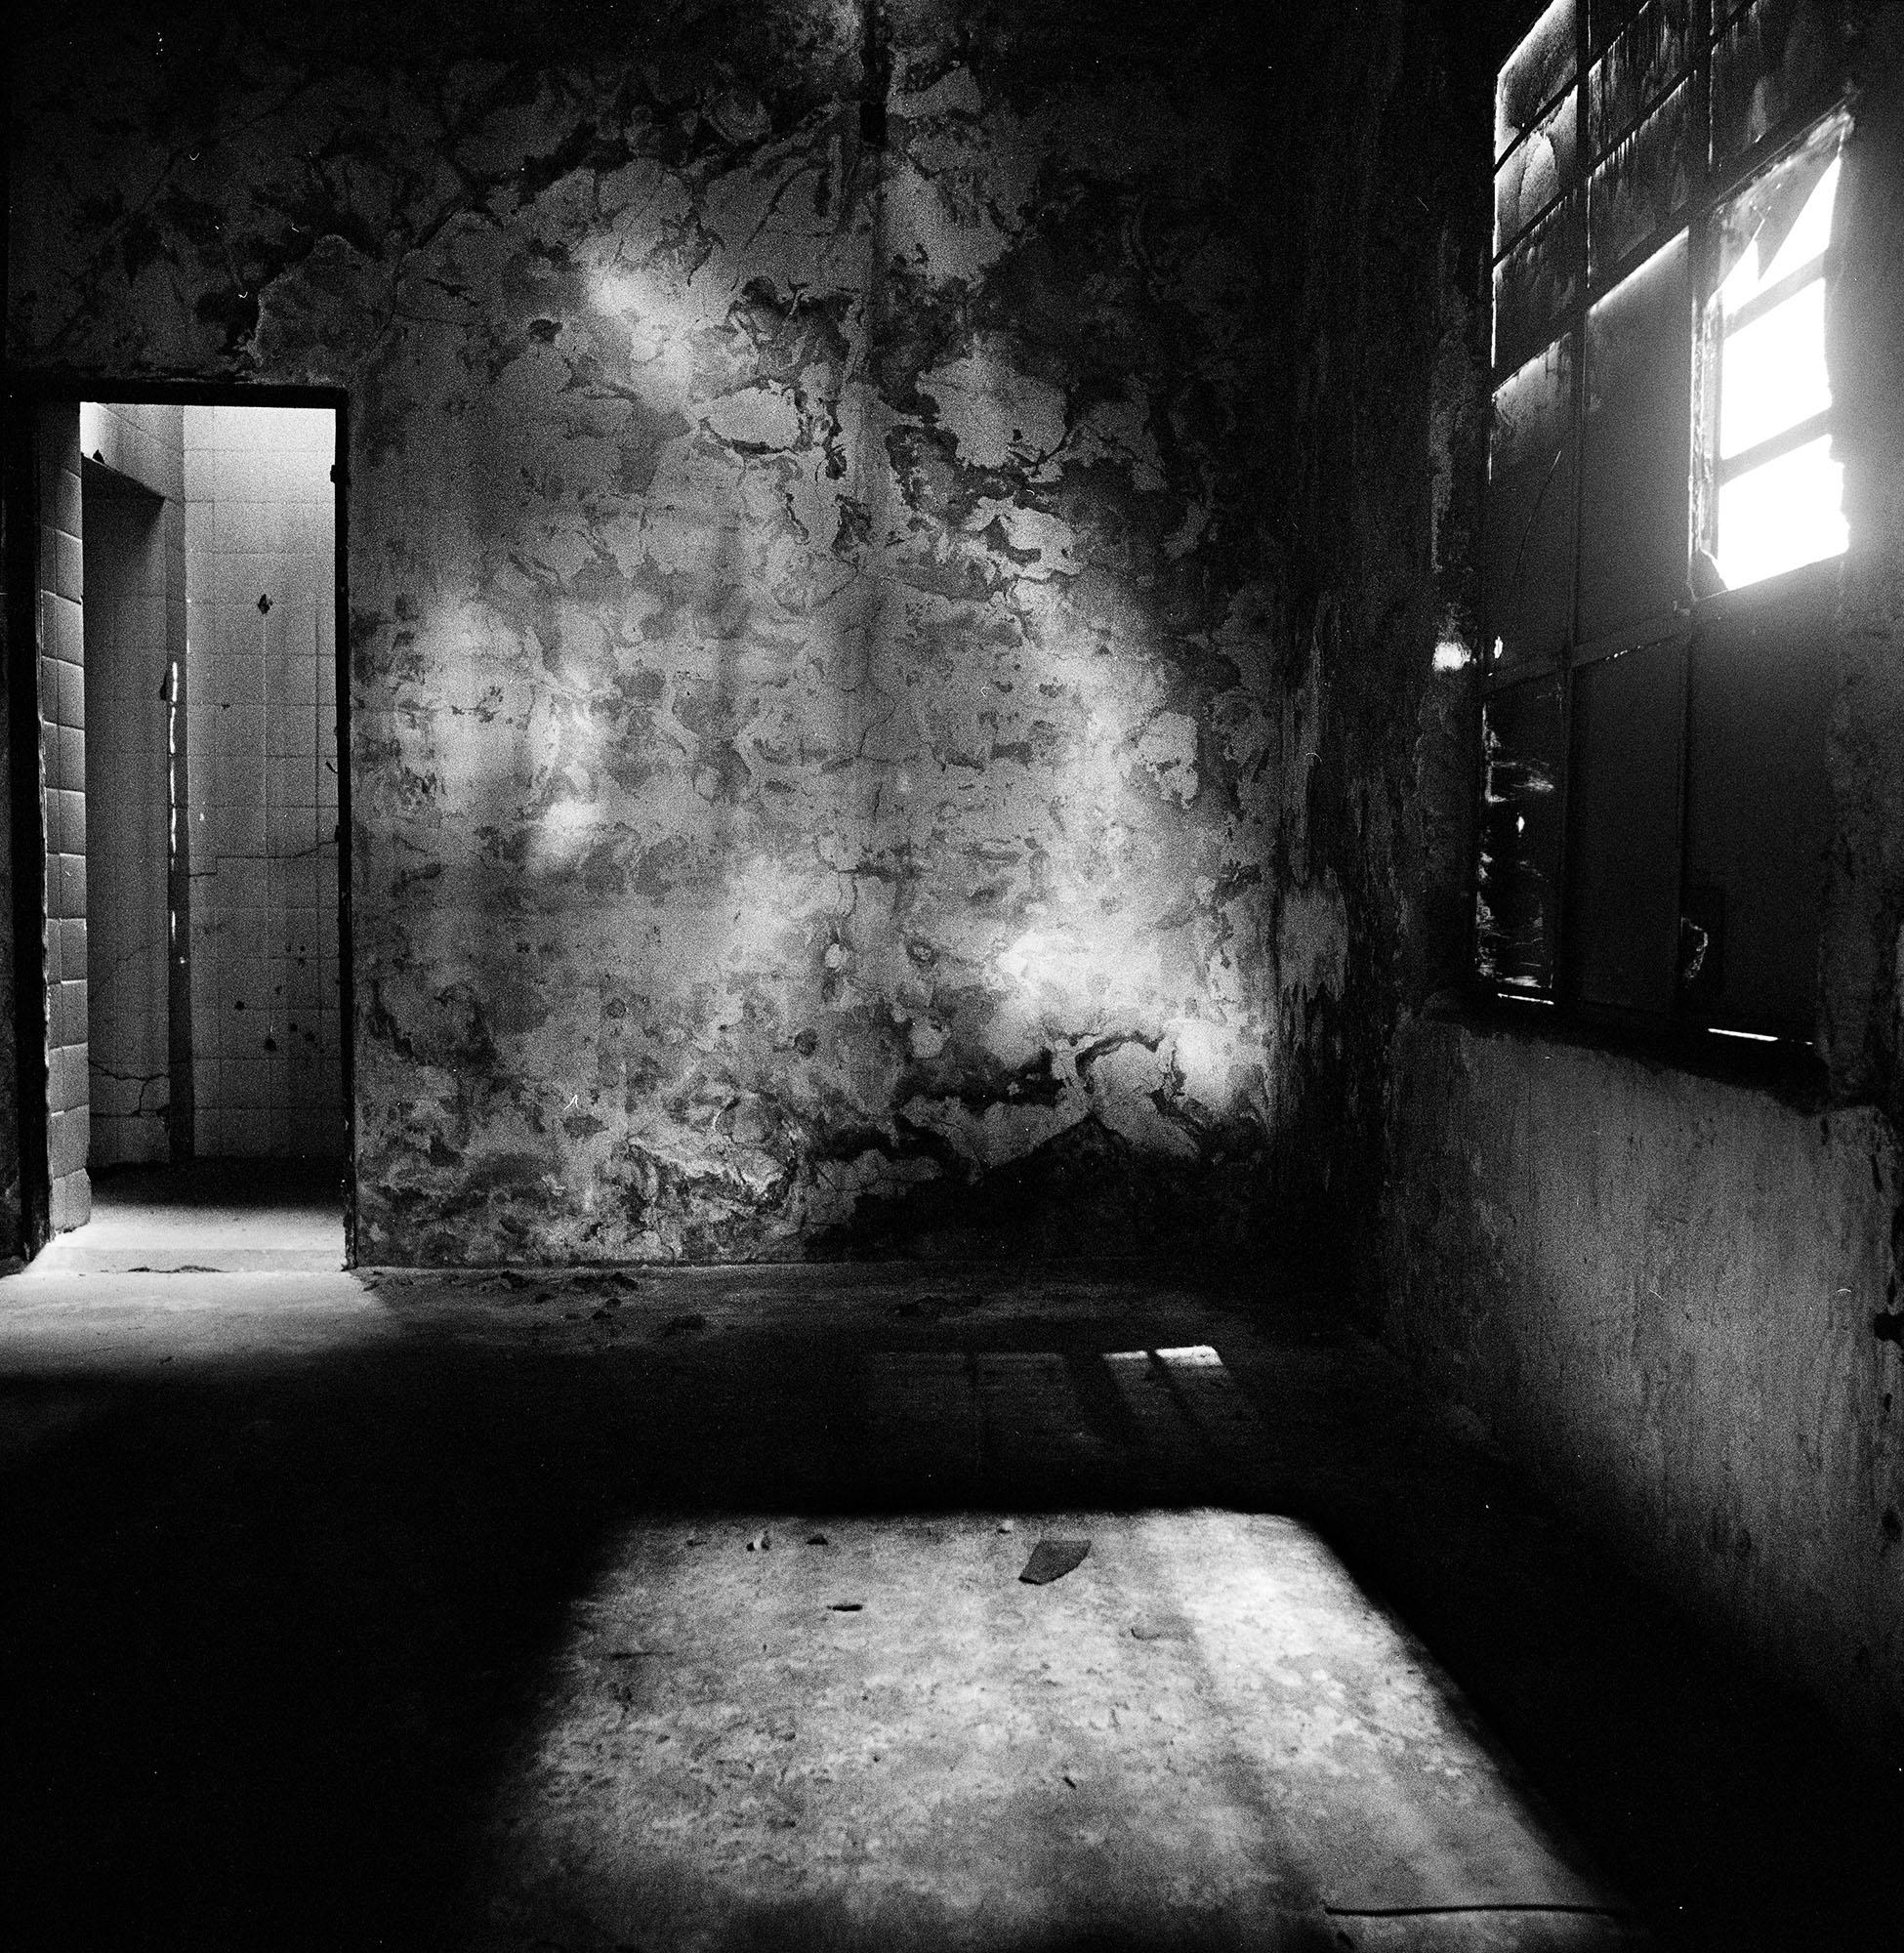 """Sala de torturas de """"El Olimpo"""", Centro Clandestino de Detención y Tortura utilizado por la Policía Federal y por los militares para interrogar y asesinar militantes durante la dictadura cívico-militar argentina, 1976-1983.  Fotografía tomada en Buenos Aires en noviembre de 2007."""